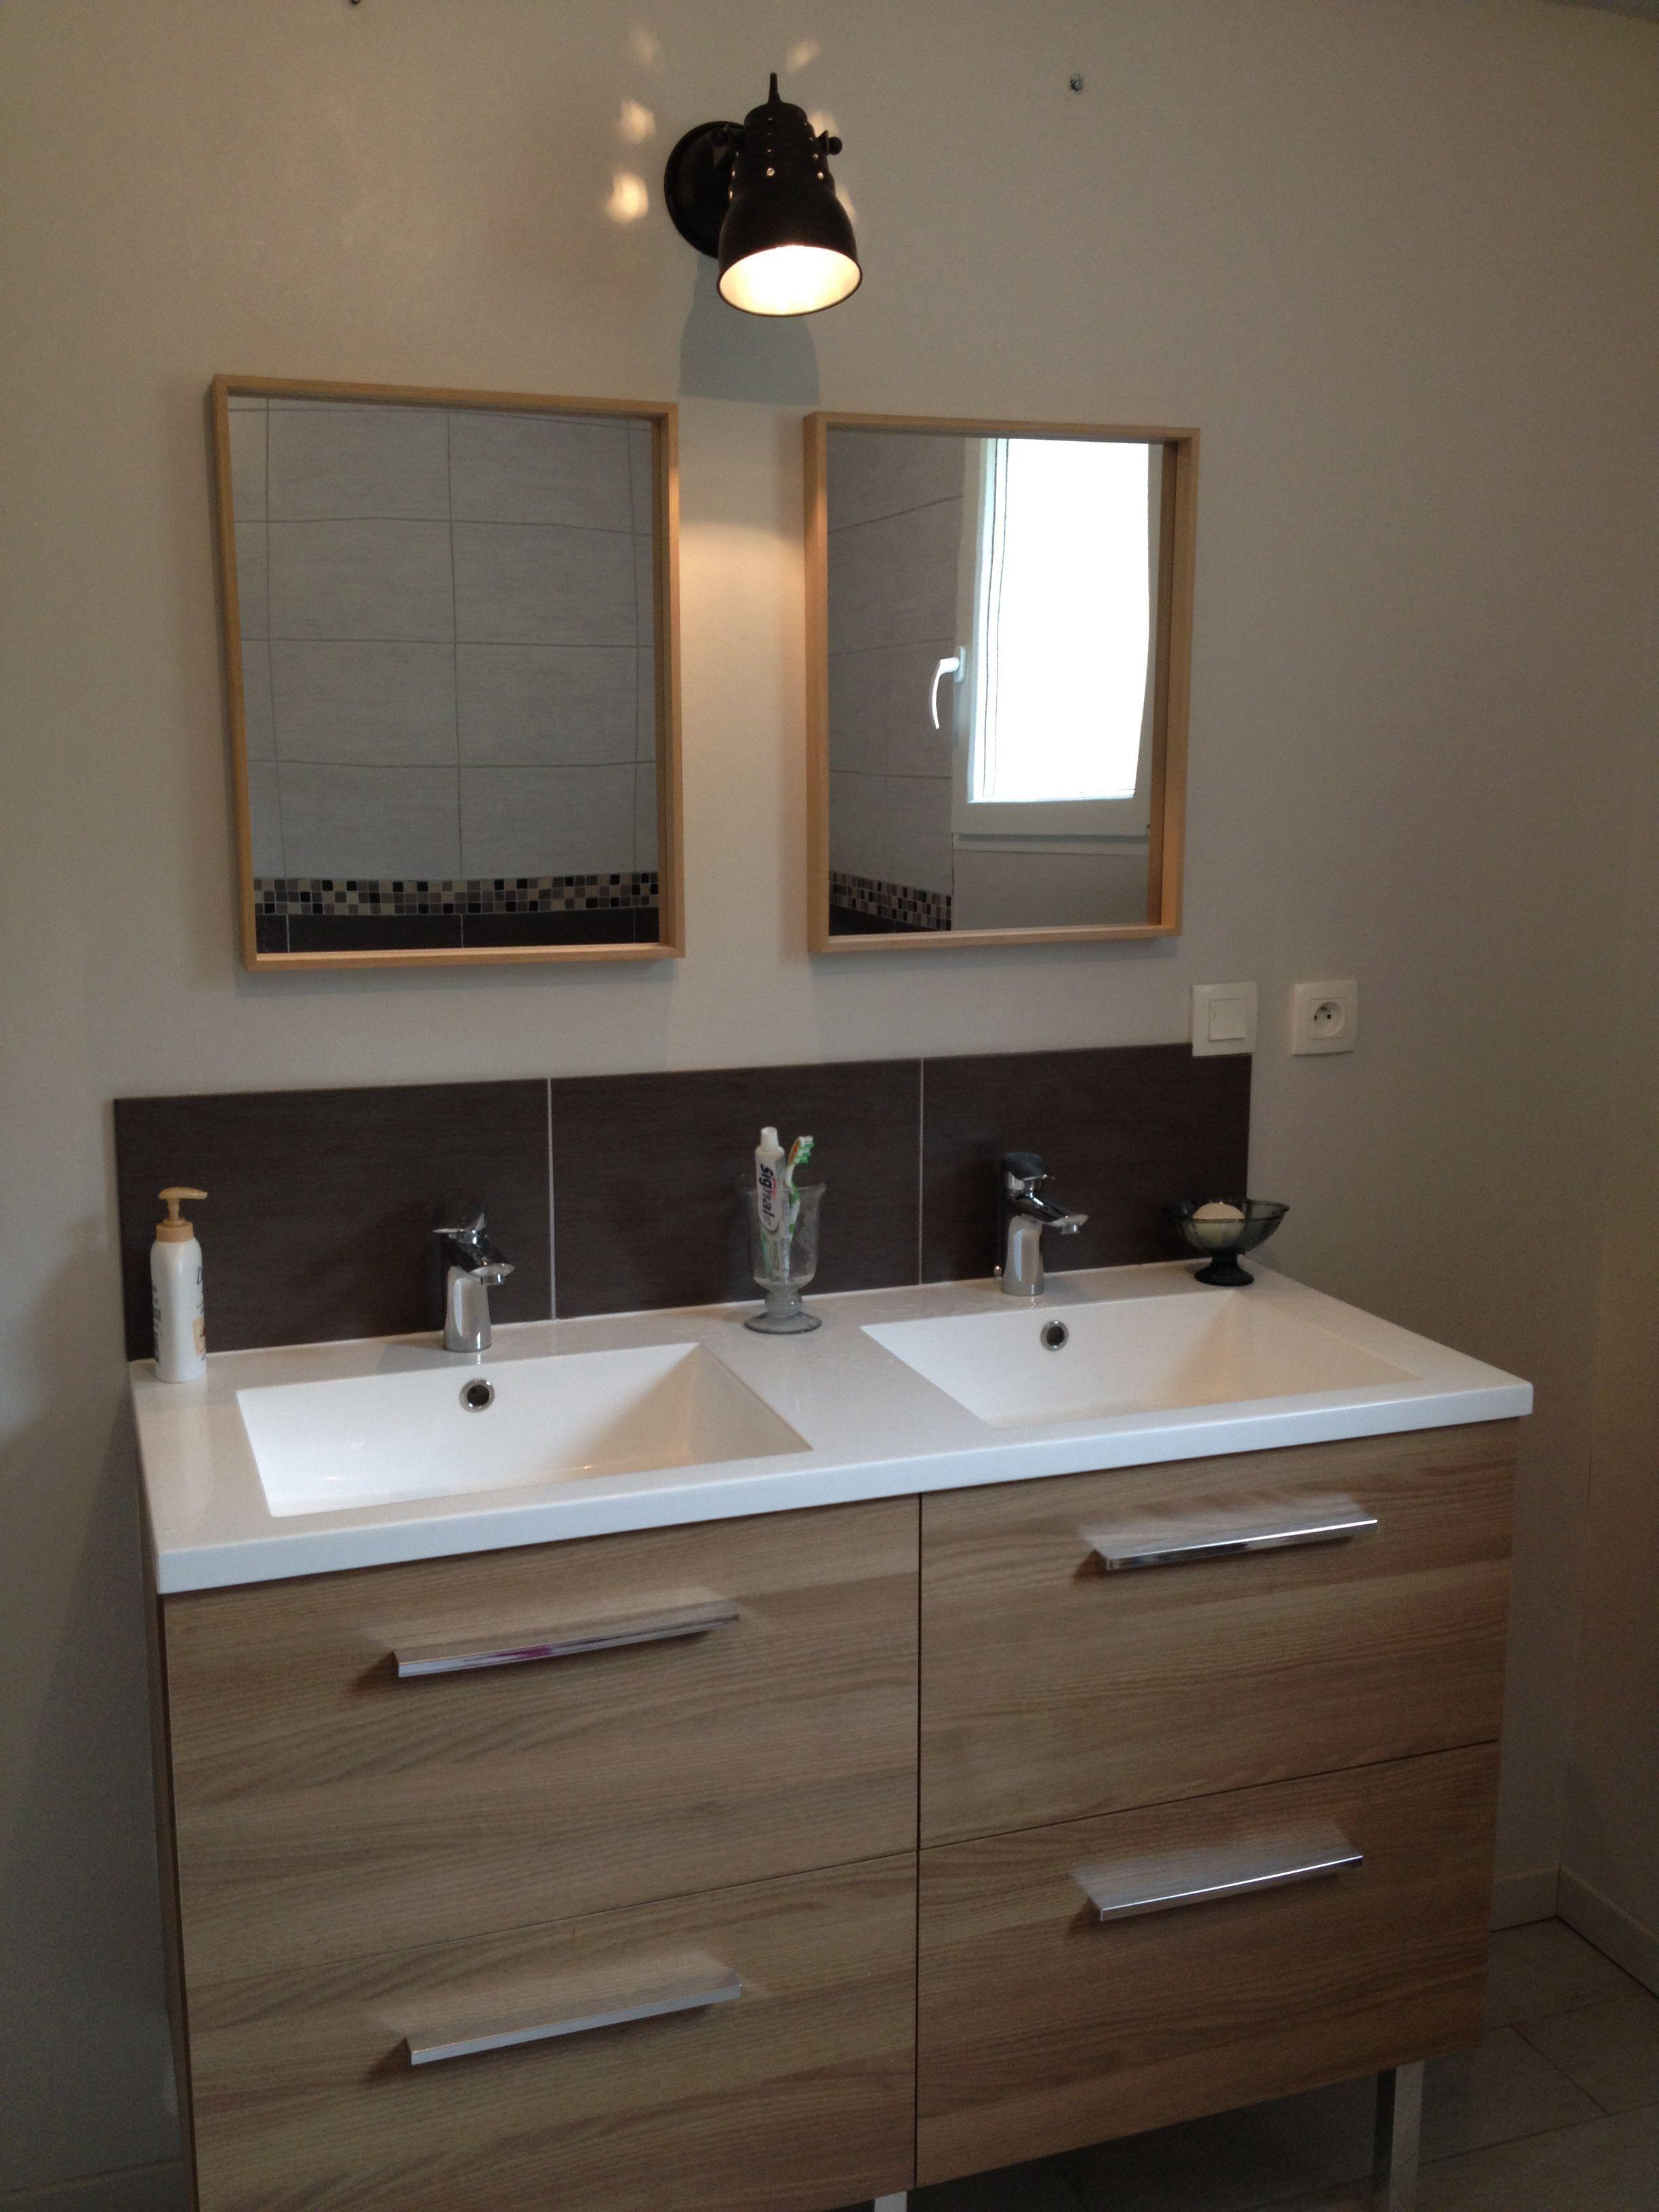 applique miroir salle de bain avec cool applique miroir salle de bain avec prise pas. Black Bedroom Furniture Sets. Home Design Ideas